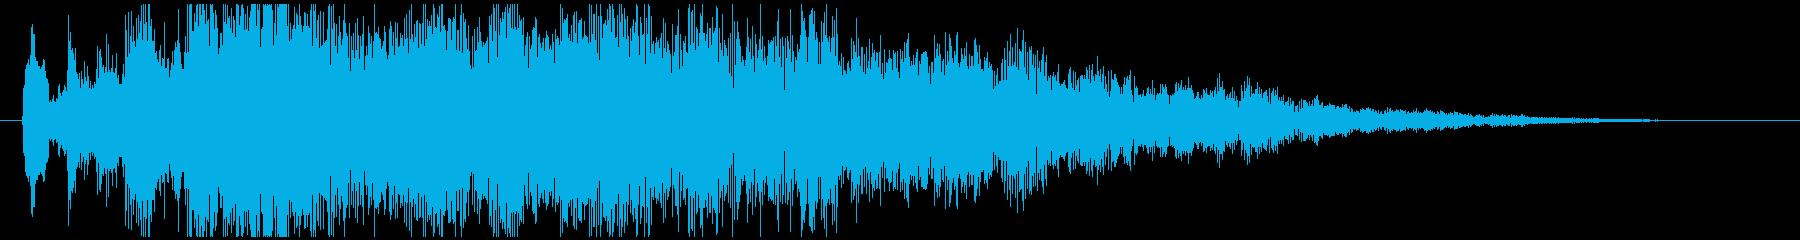 神秘的で透明感のあるアクセント音8の再生済みの波形